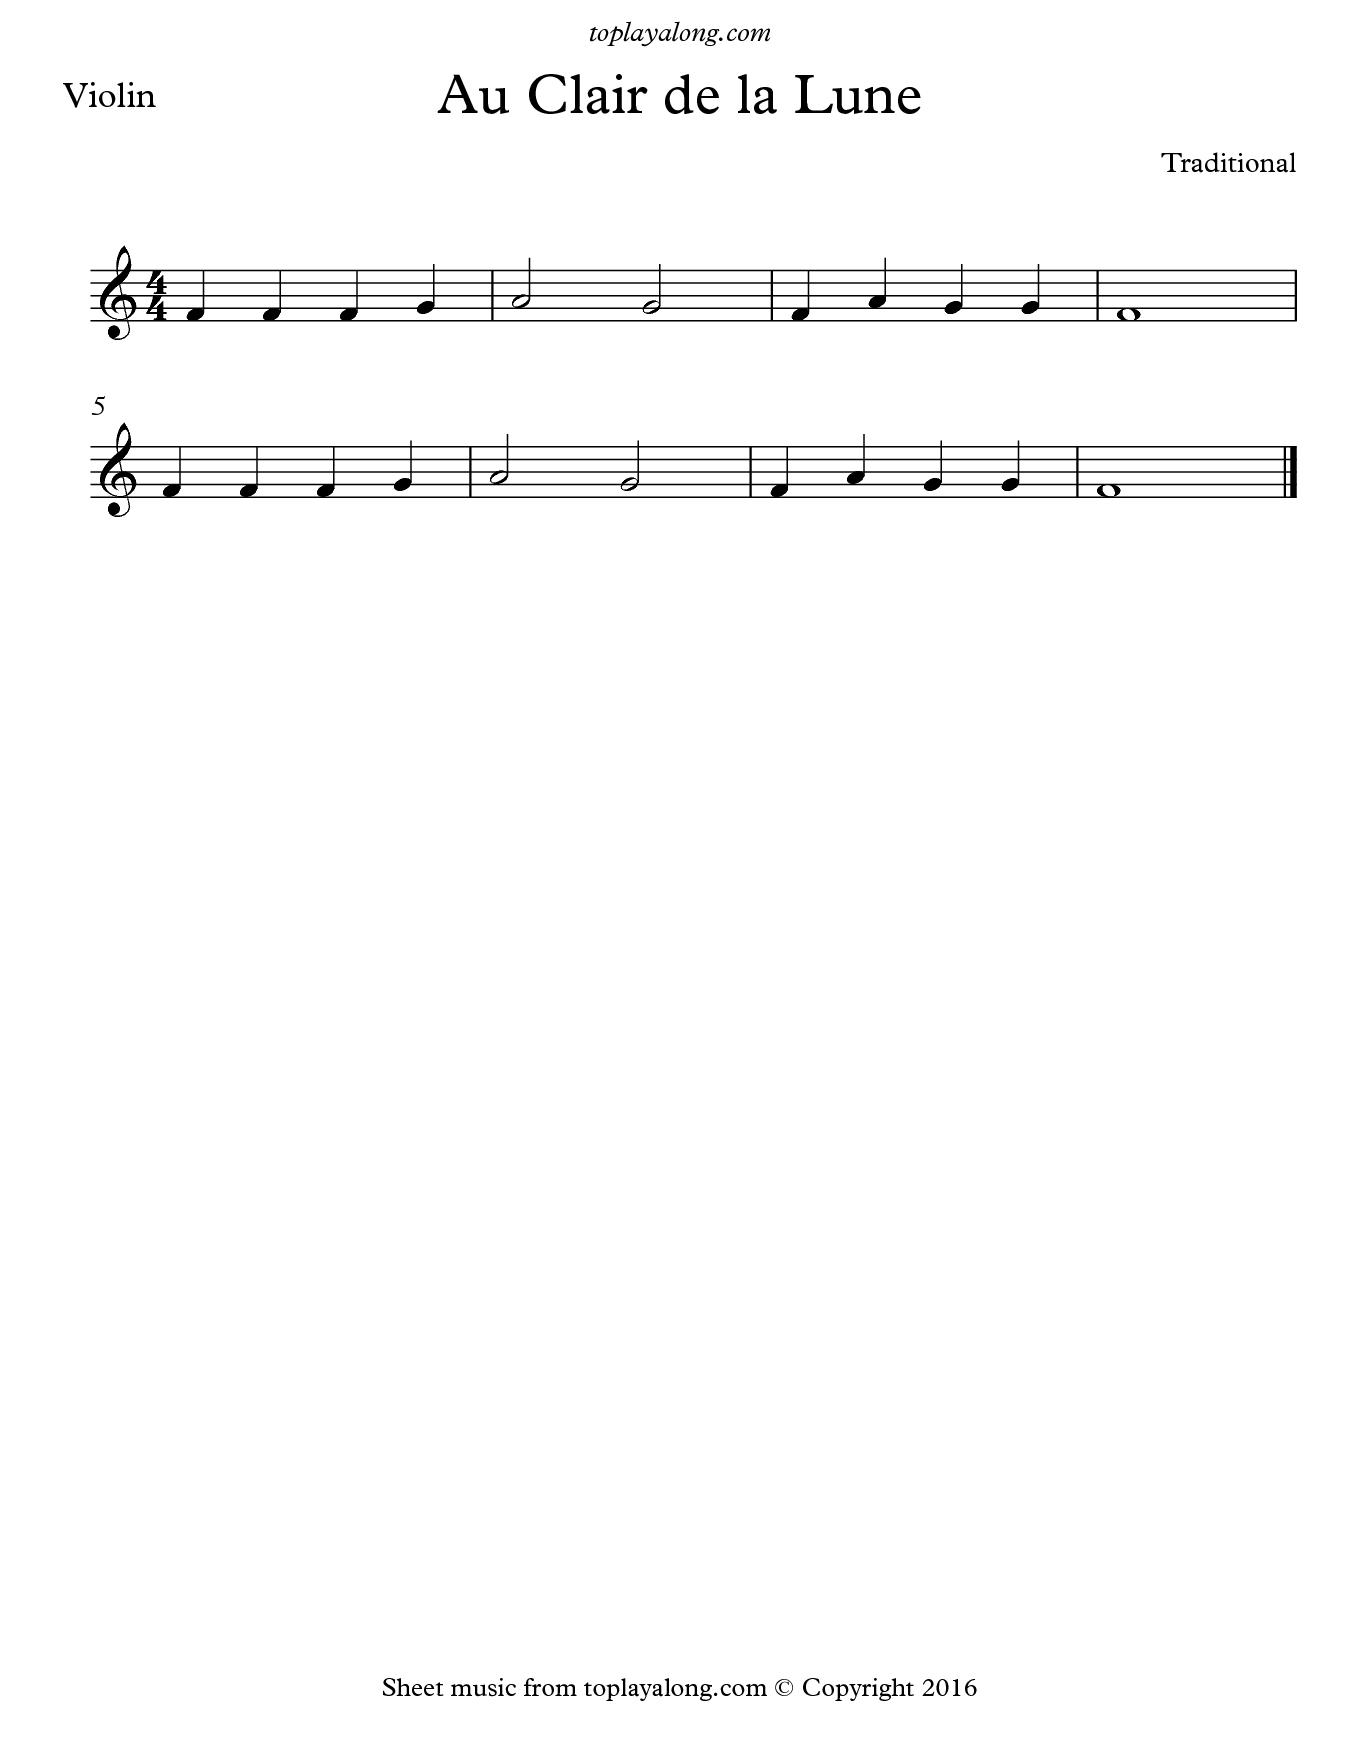 Au Clair de la Lune. Sheet music for Violin, page 1.